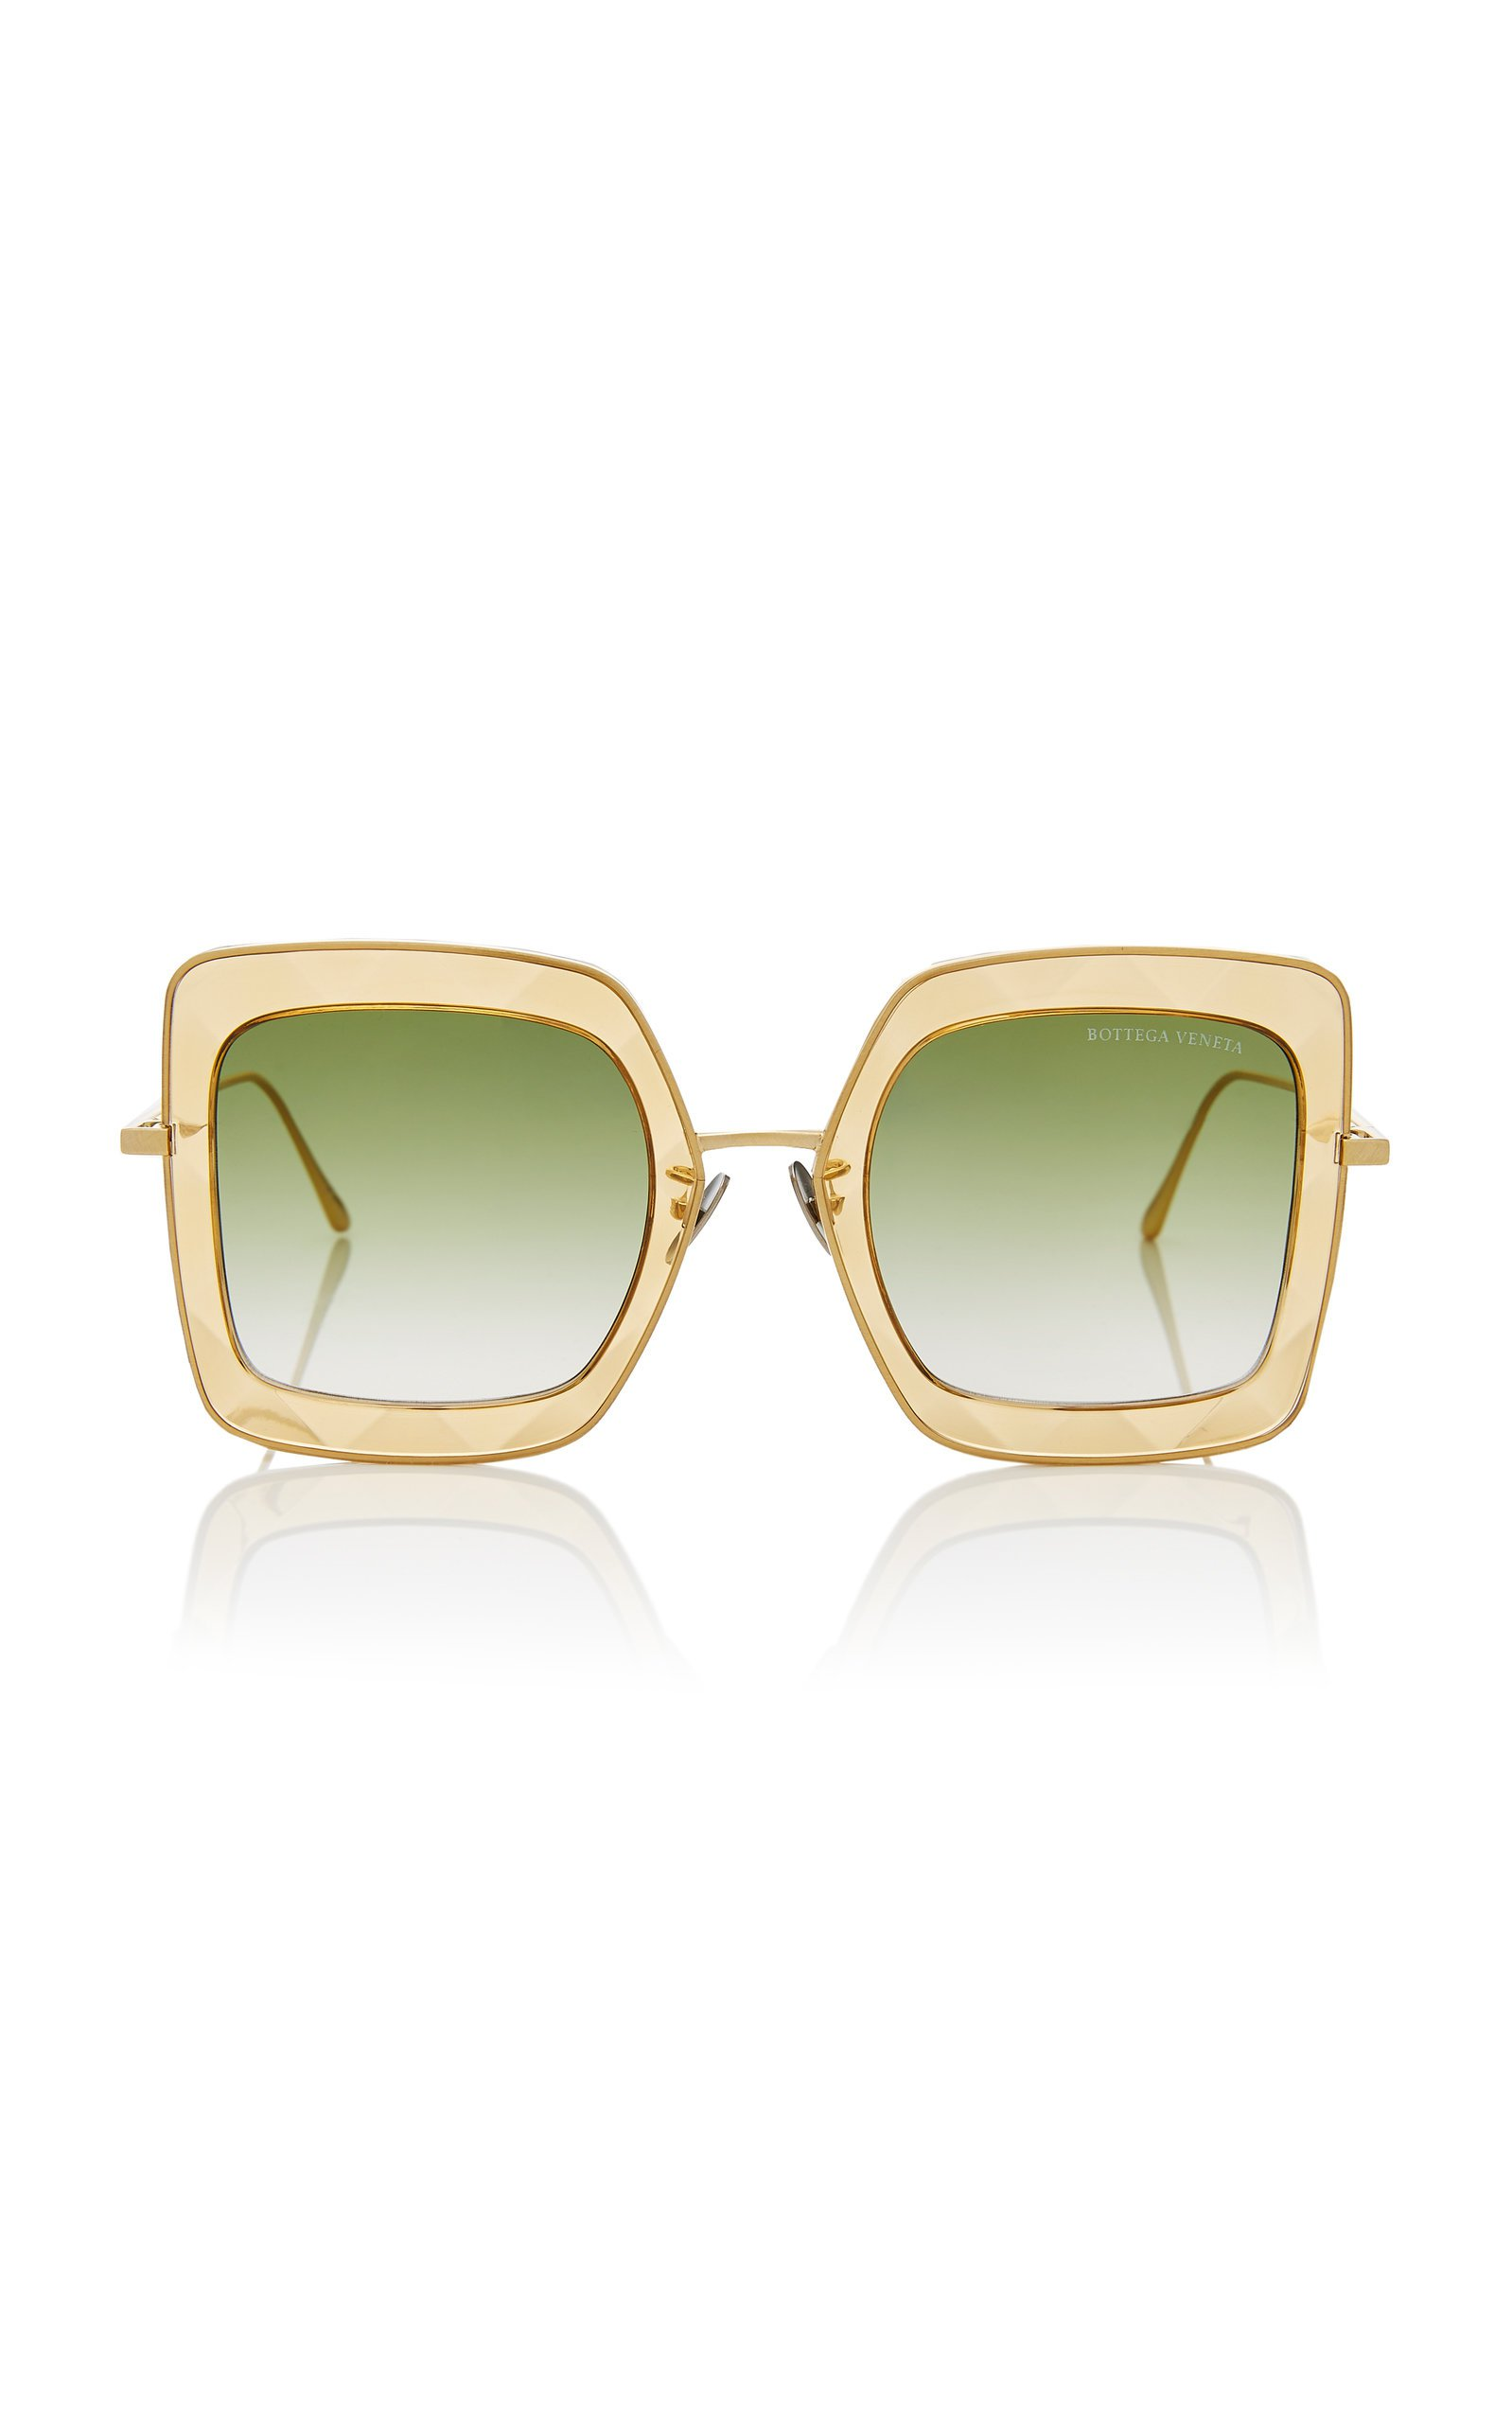 Bottega Veneta Sunglasses Oversized Square Sunglasses